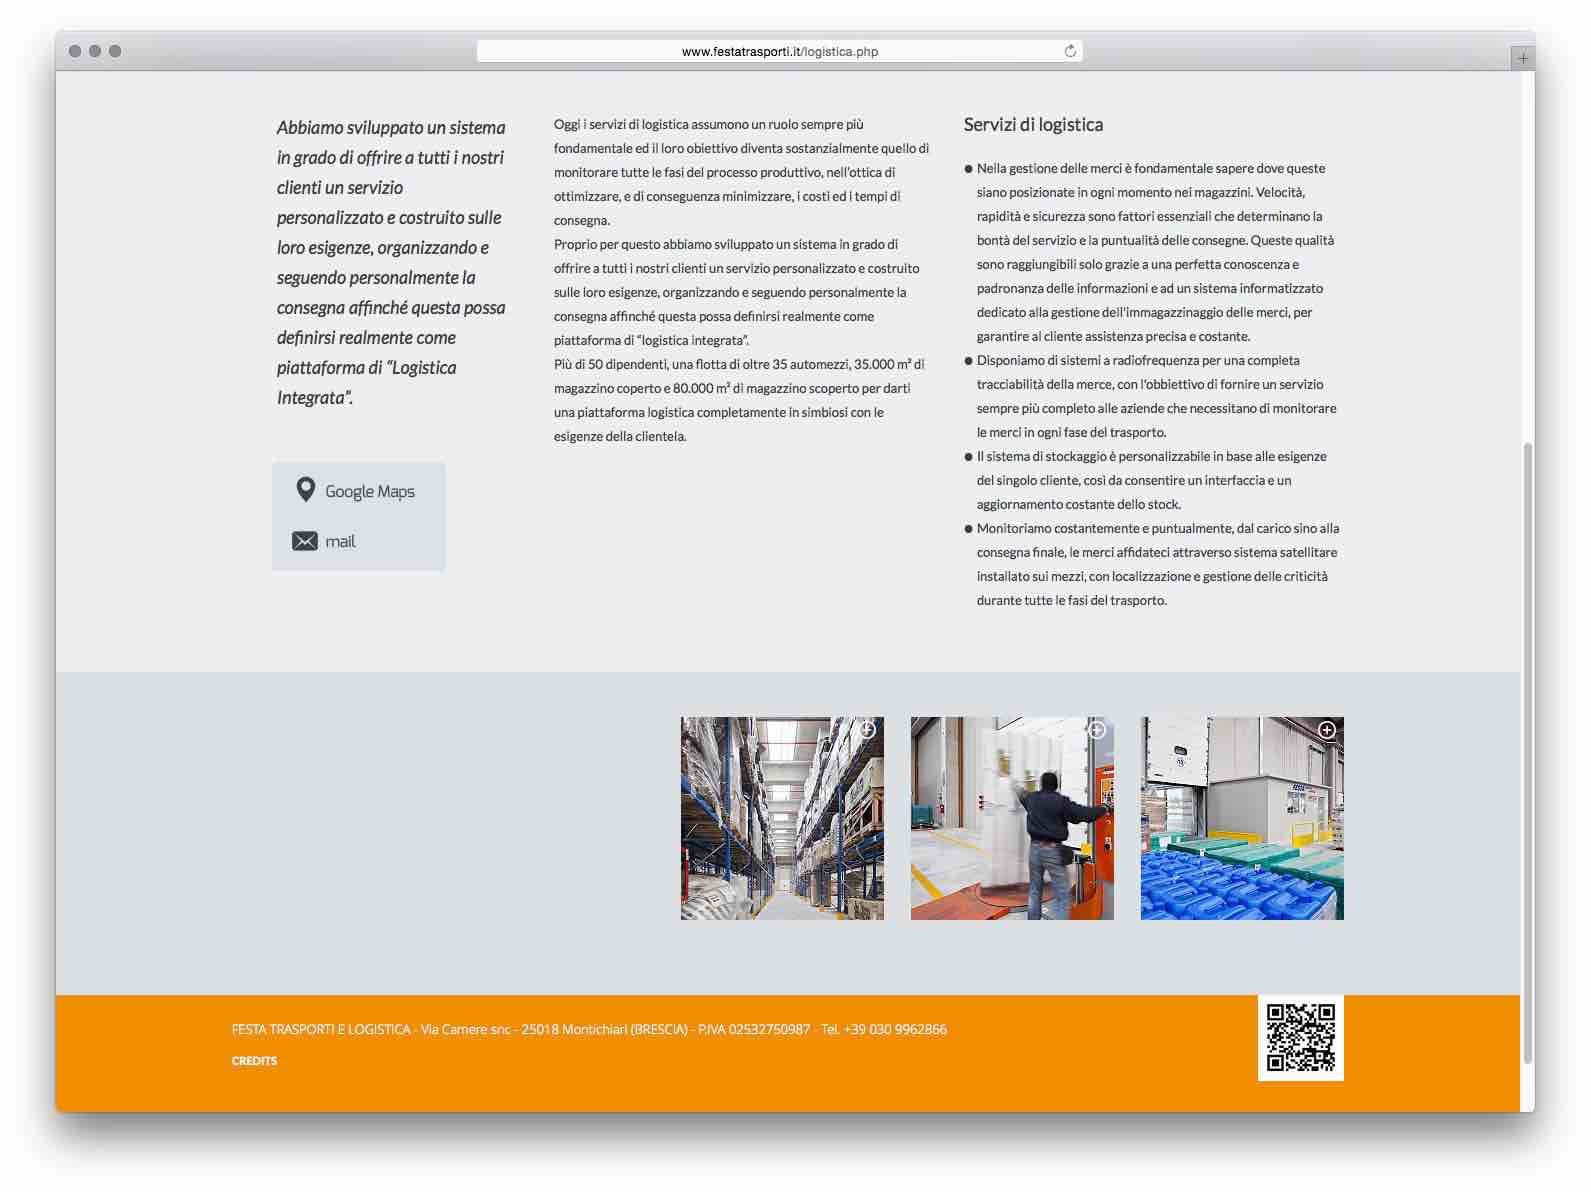 Creazione Siti Web Brescia - Sito Web Festa Trasporti